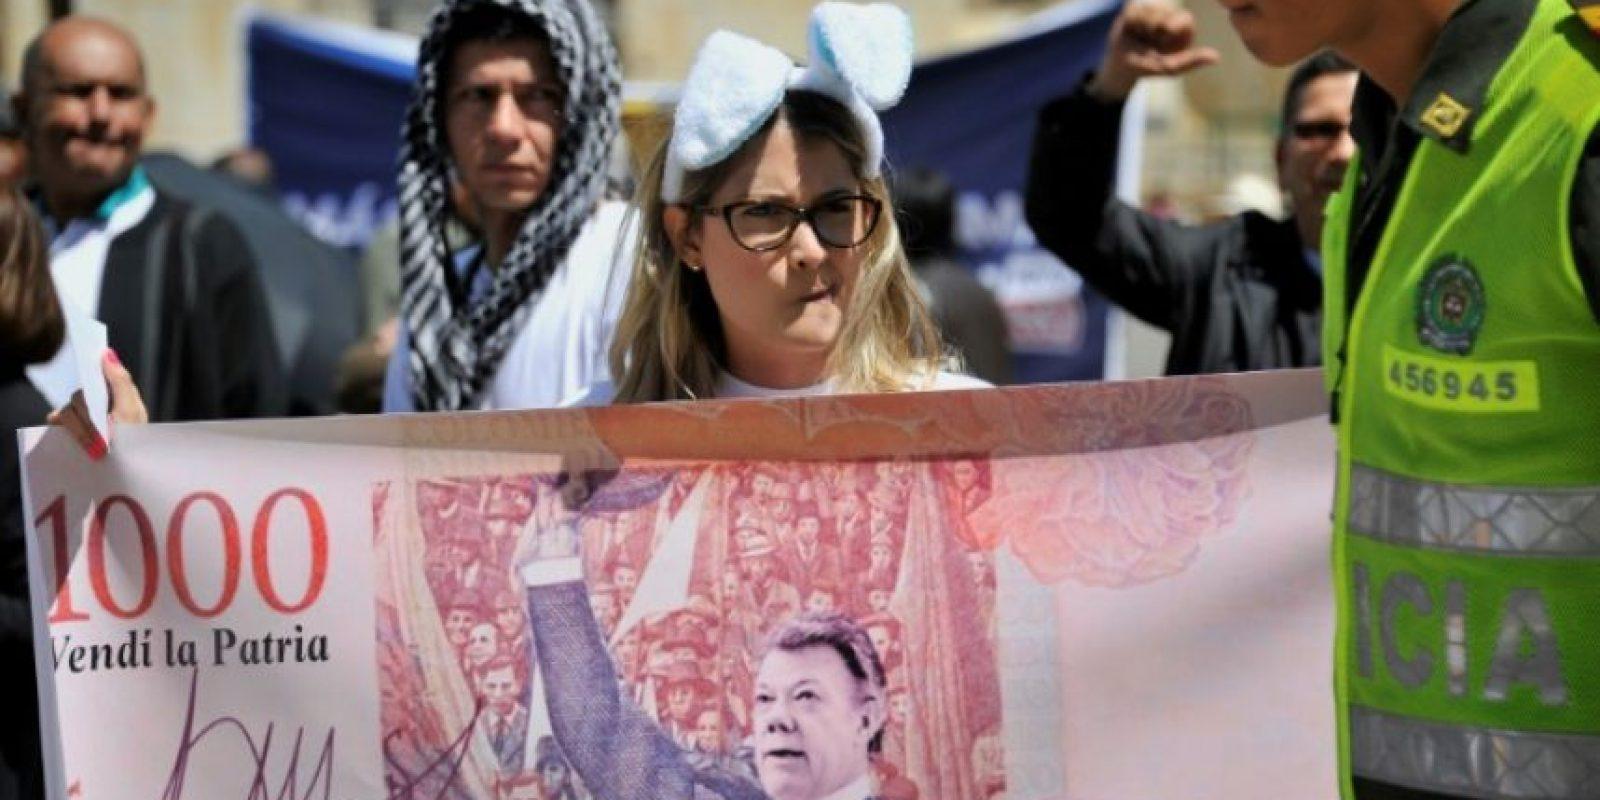 Una mujer sujeta una pancarta con la efigie del presidente de Colombia, Juan Manuel Santos, durante una protesta en contra del nuevo acuerdo de paz del Gobierno con las FARC, en Bogotá, el 30 de noviembre de 2016 Foto:Guillermo Legaria/afp.com